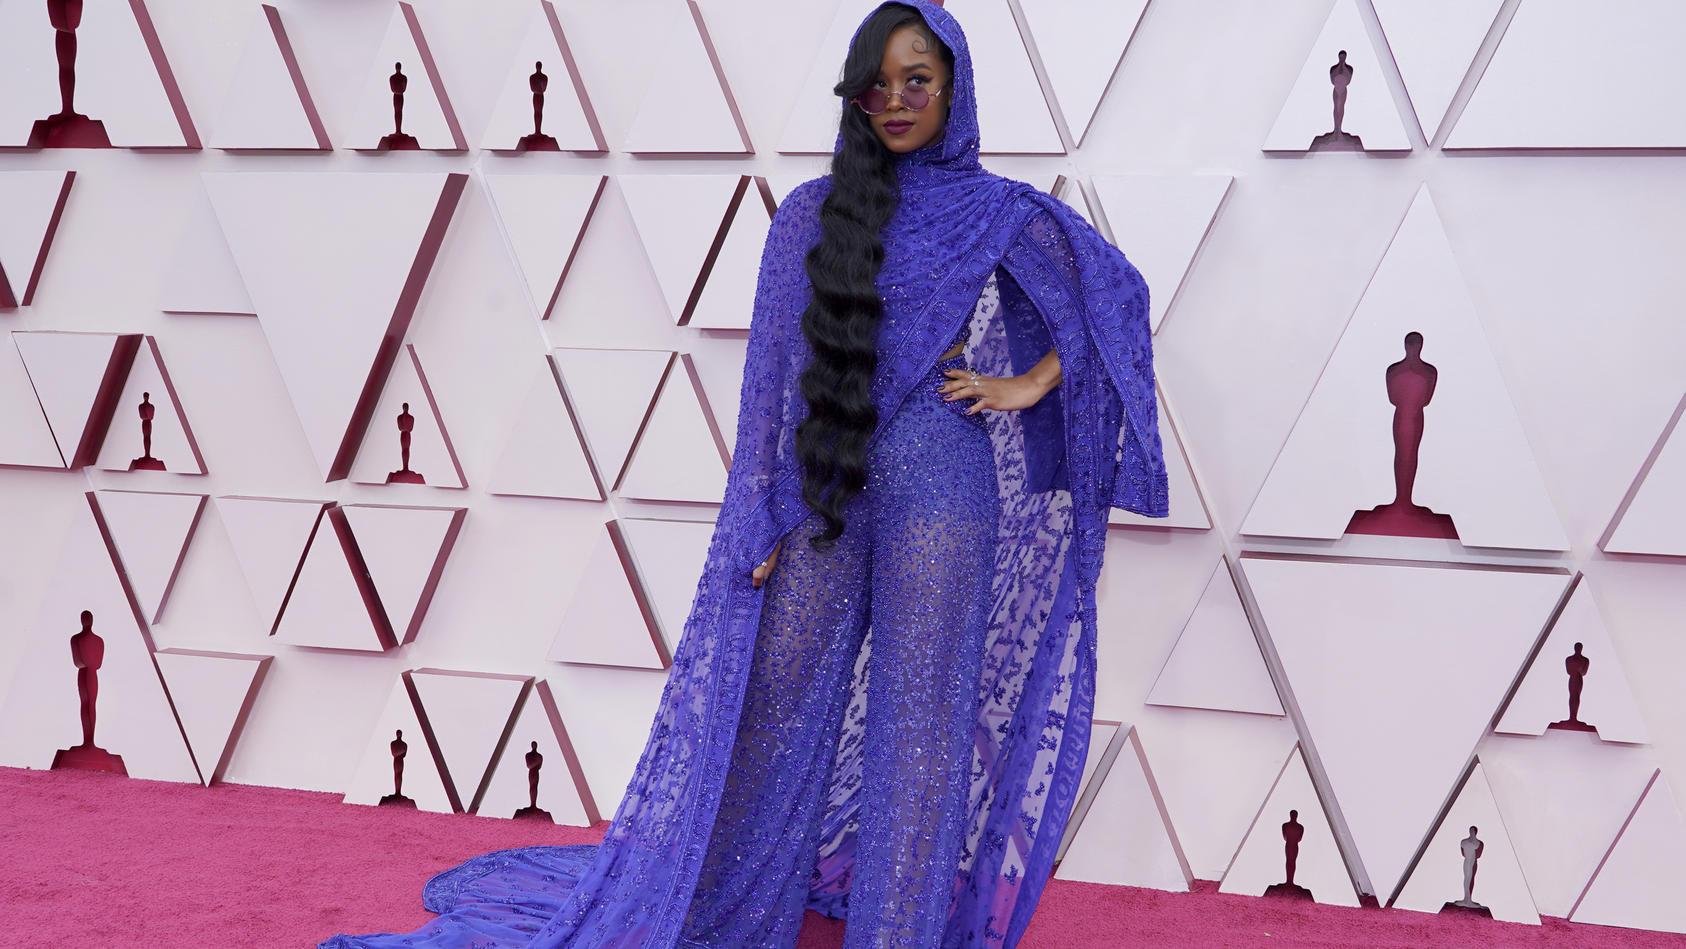 Sängerin H.E.R. in einem Outfit, das an eine Gardine erinnert